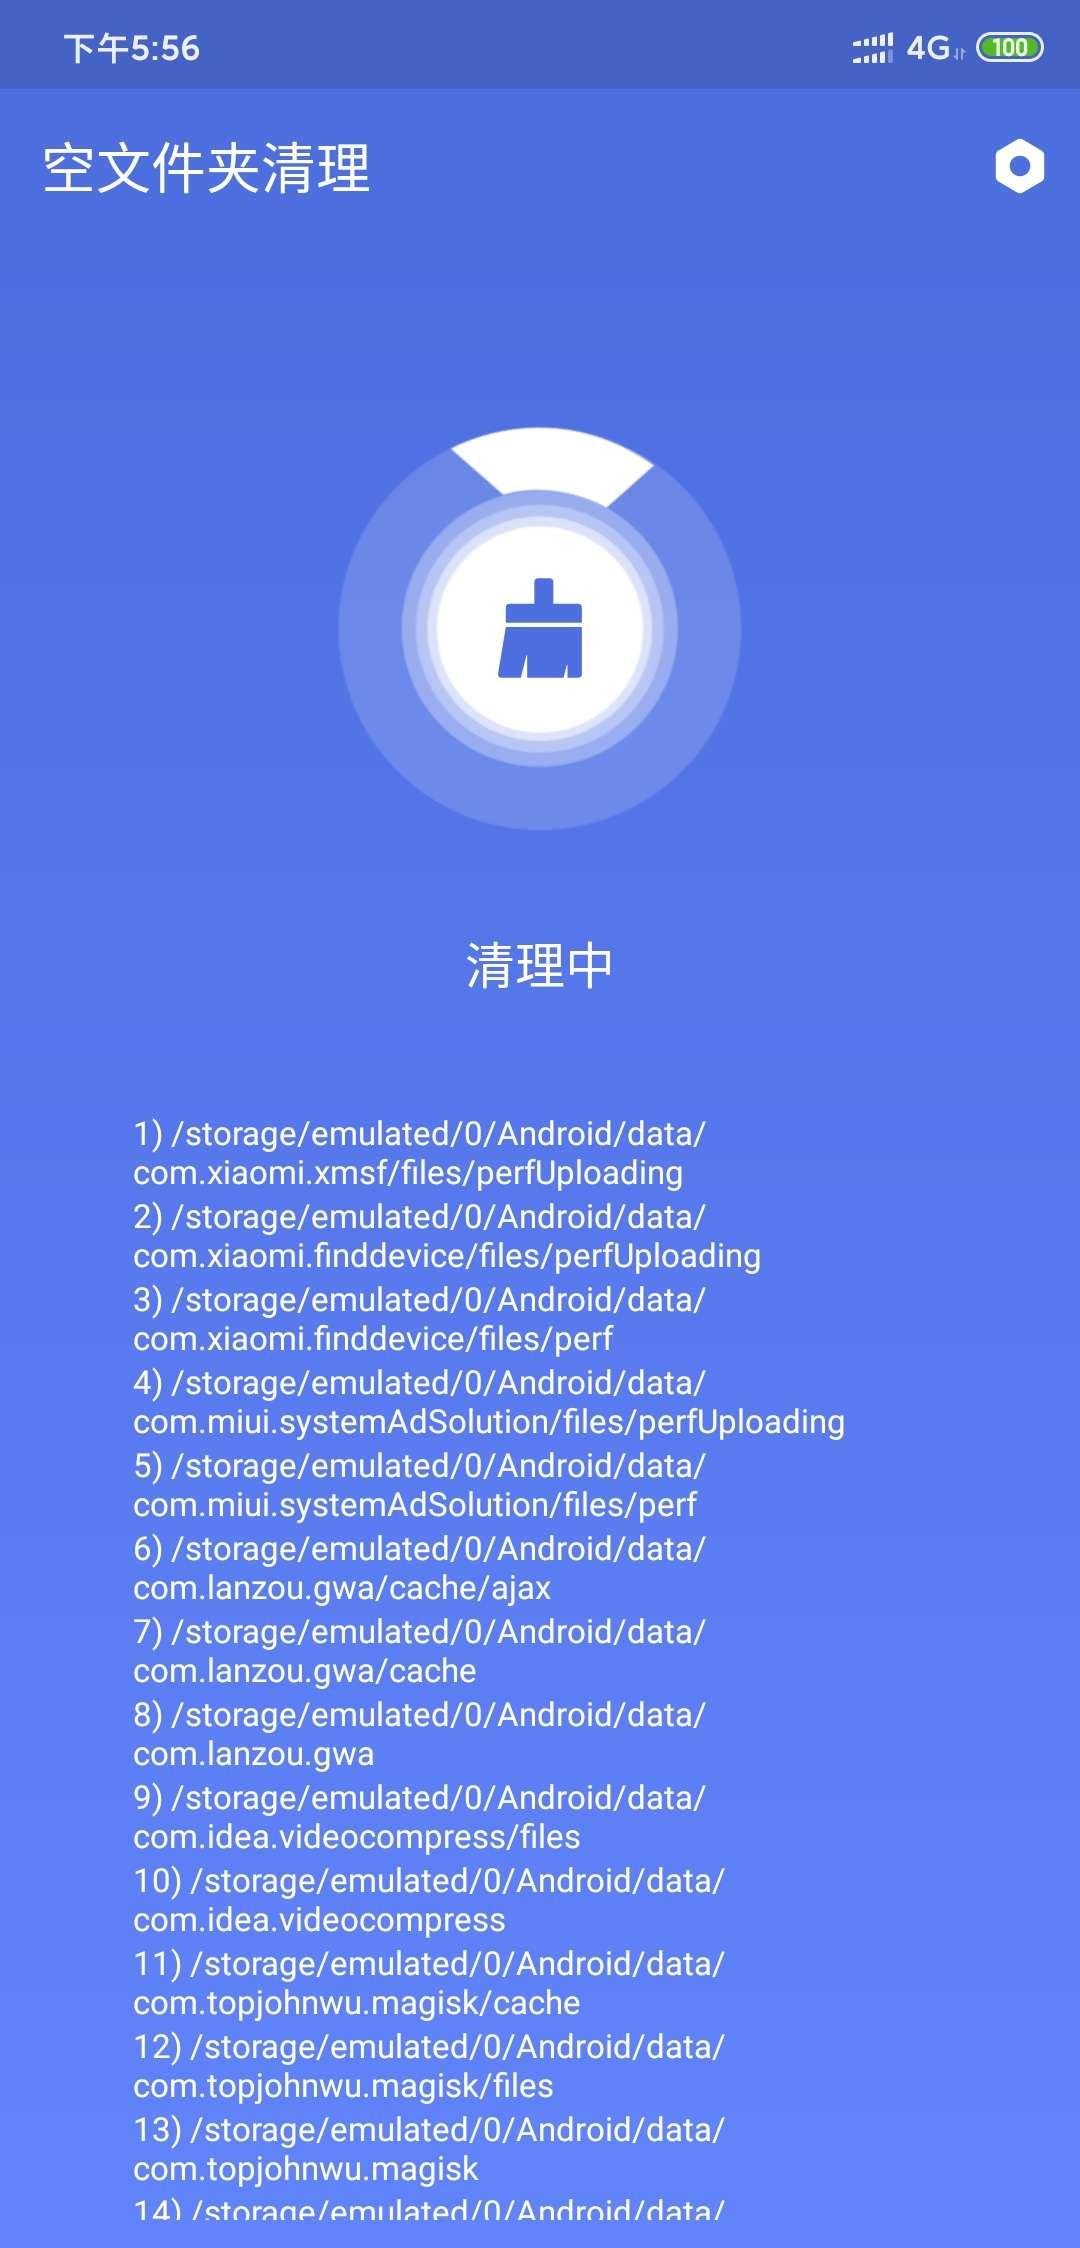 【考核】空文件夹清理*v1.0.0 一款清理你手机空文件夹的软件